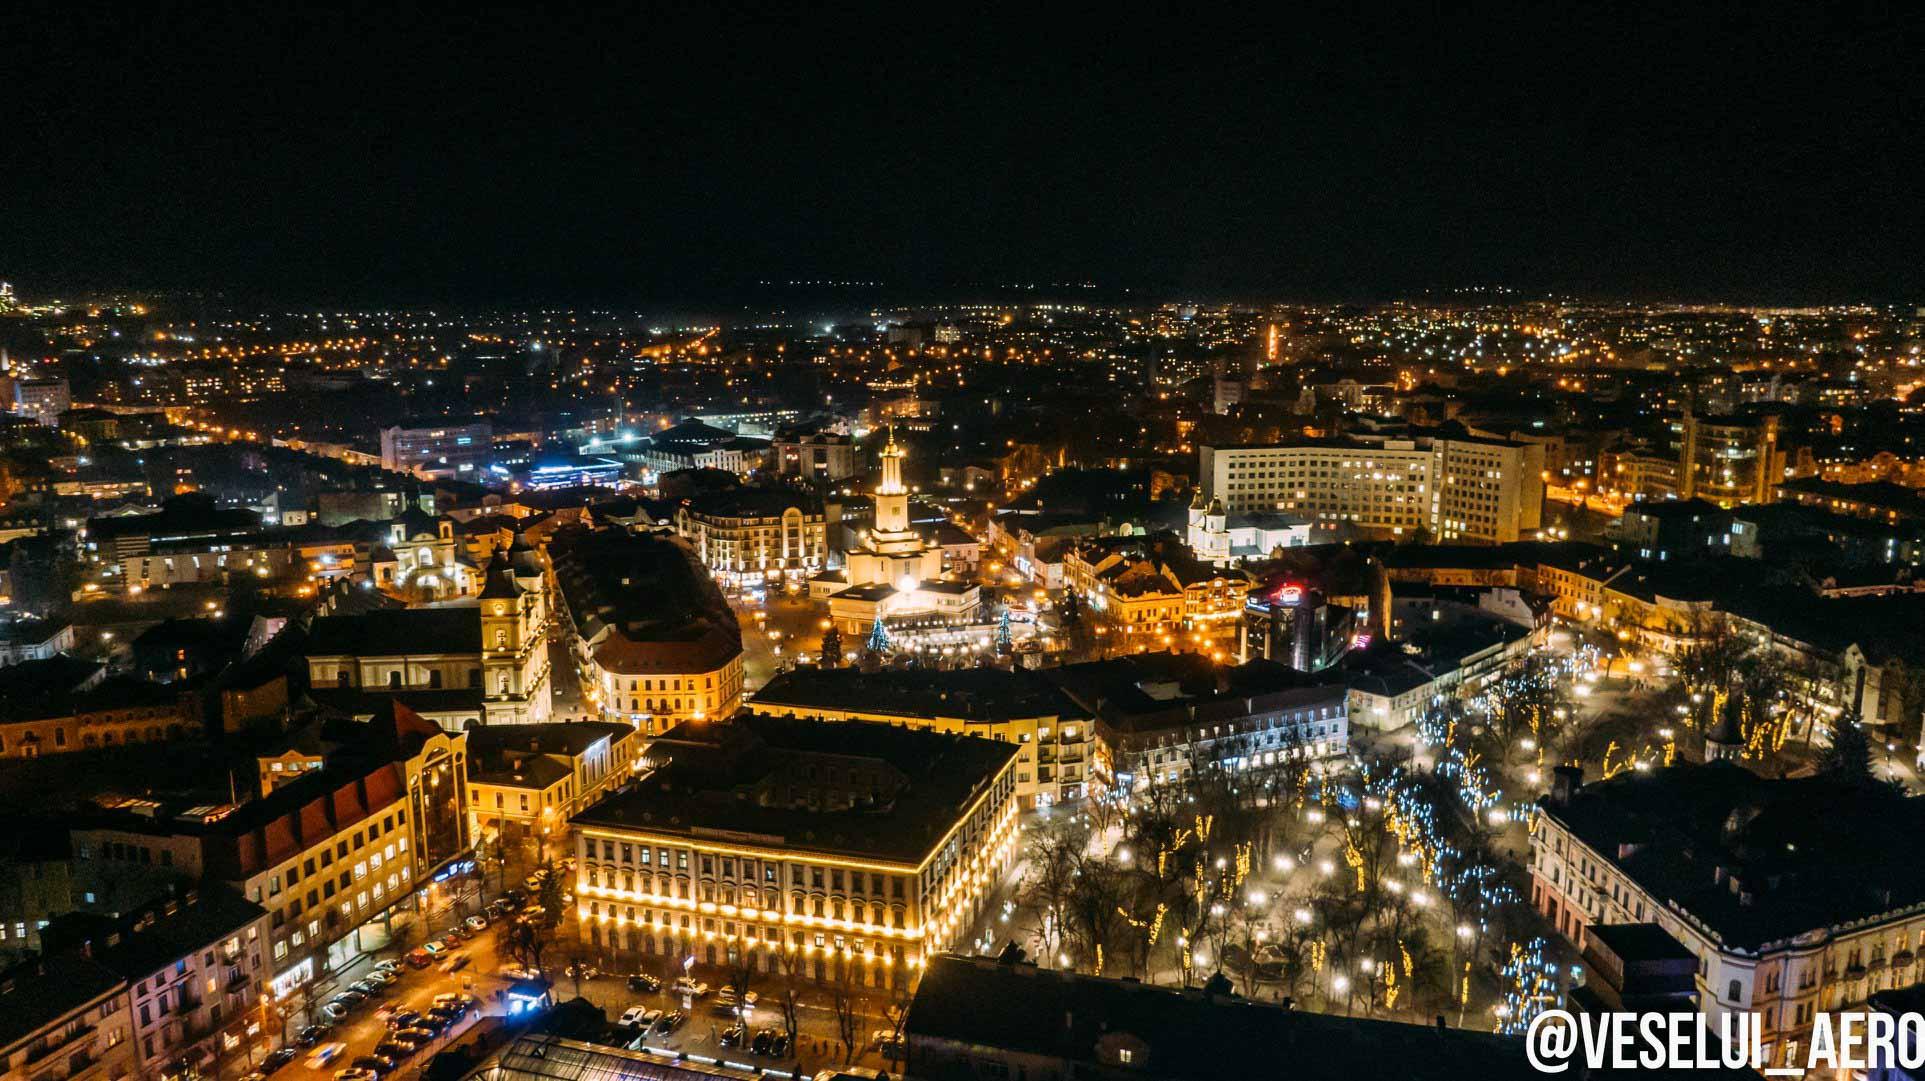 Франківець показав нічне місто перед святом Миколая з неба (ФОТО)